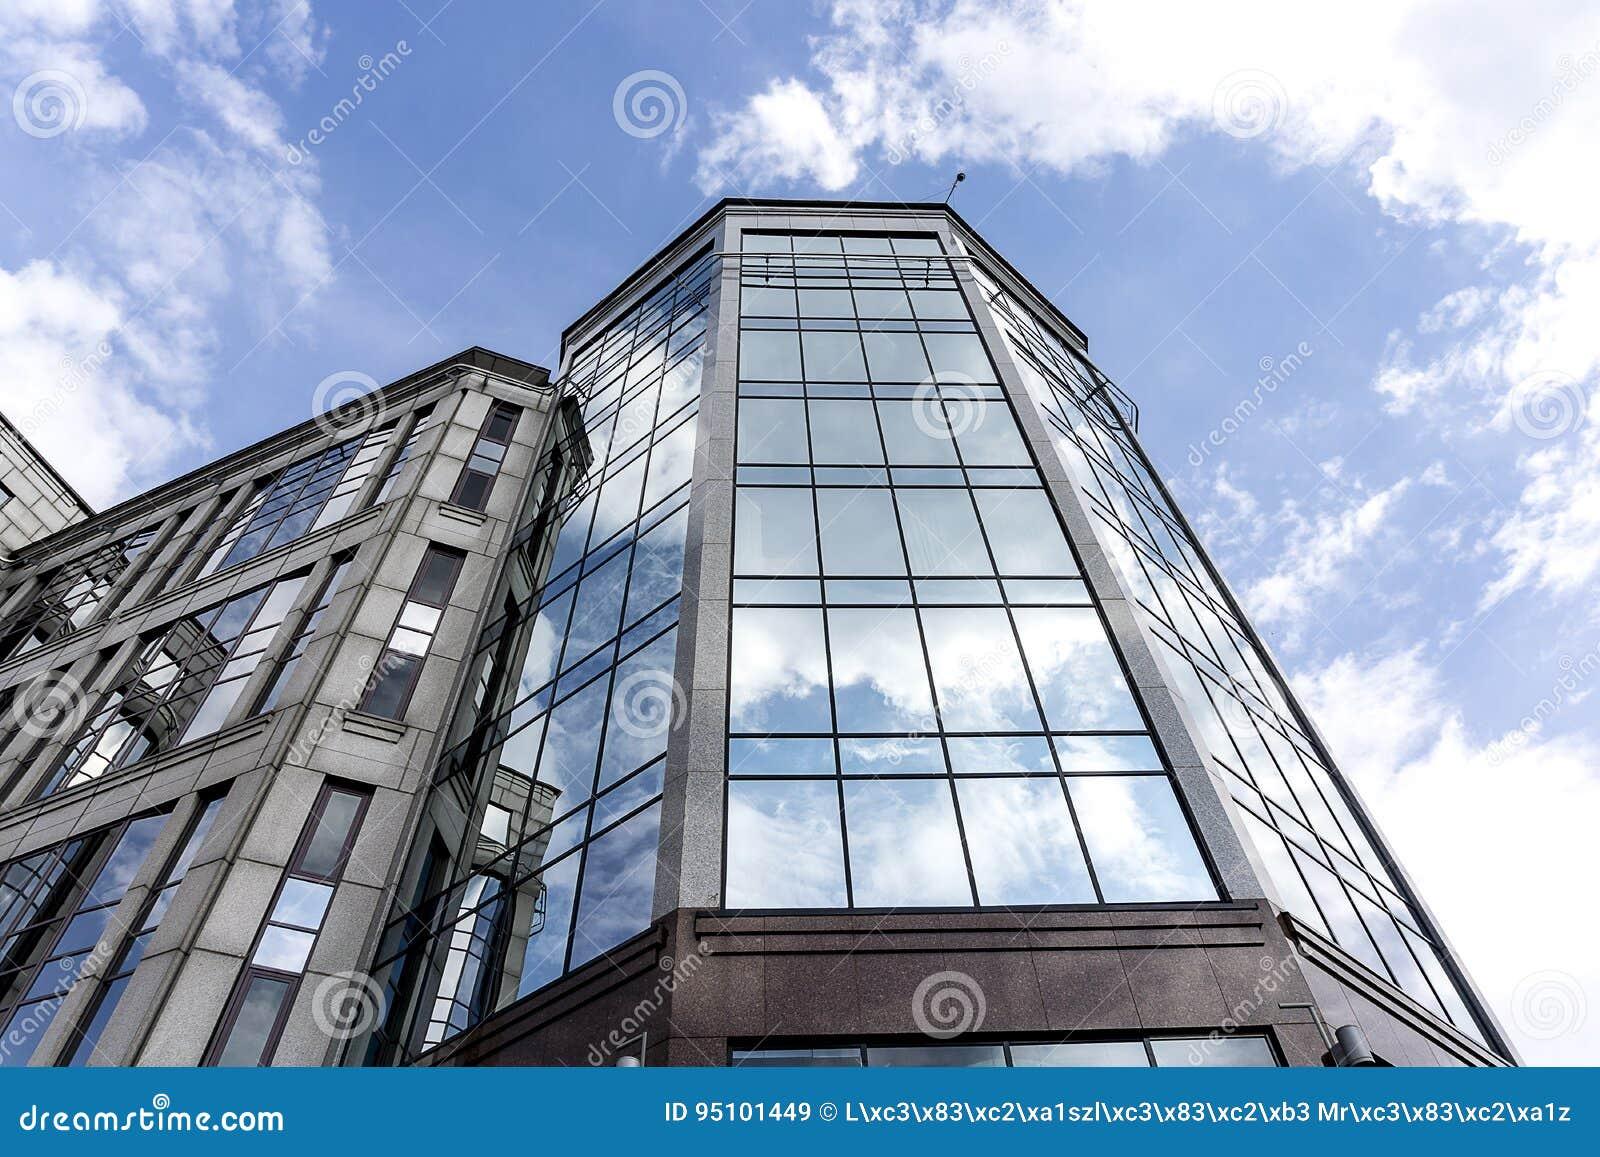 Σύγχρονο γυαλί και μαρμάρινο κτίριο γραφείων